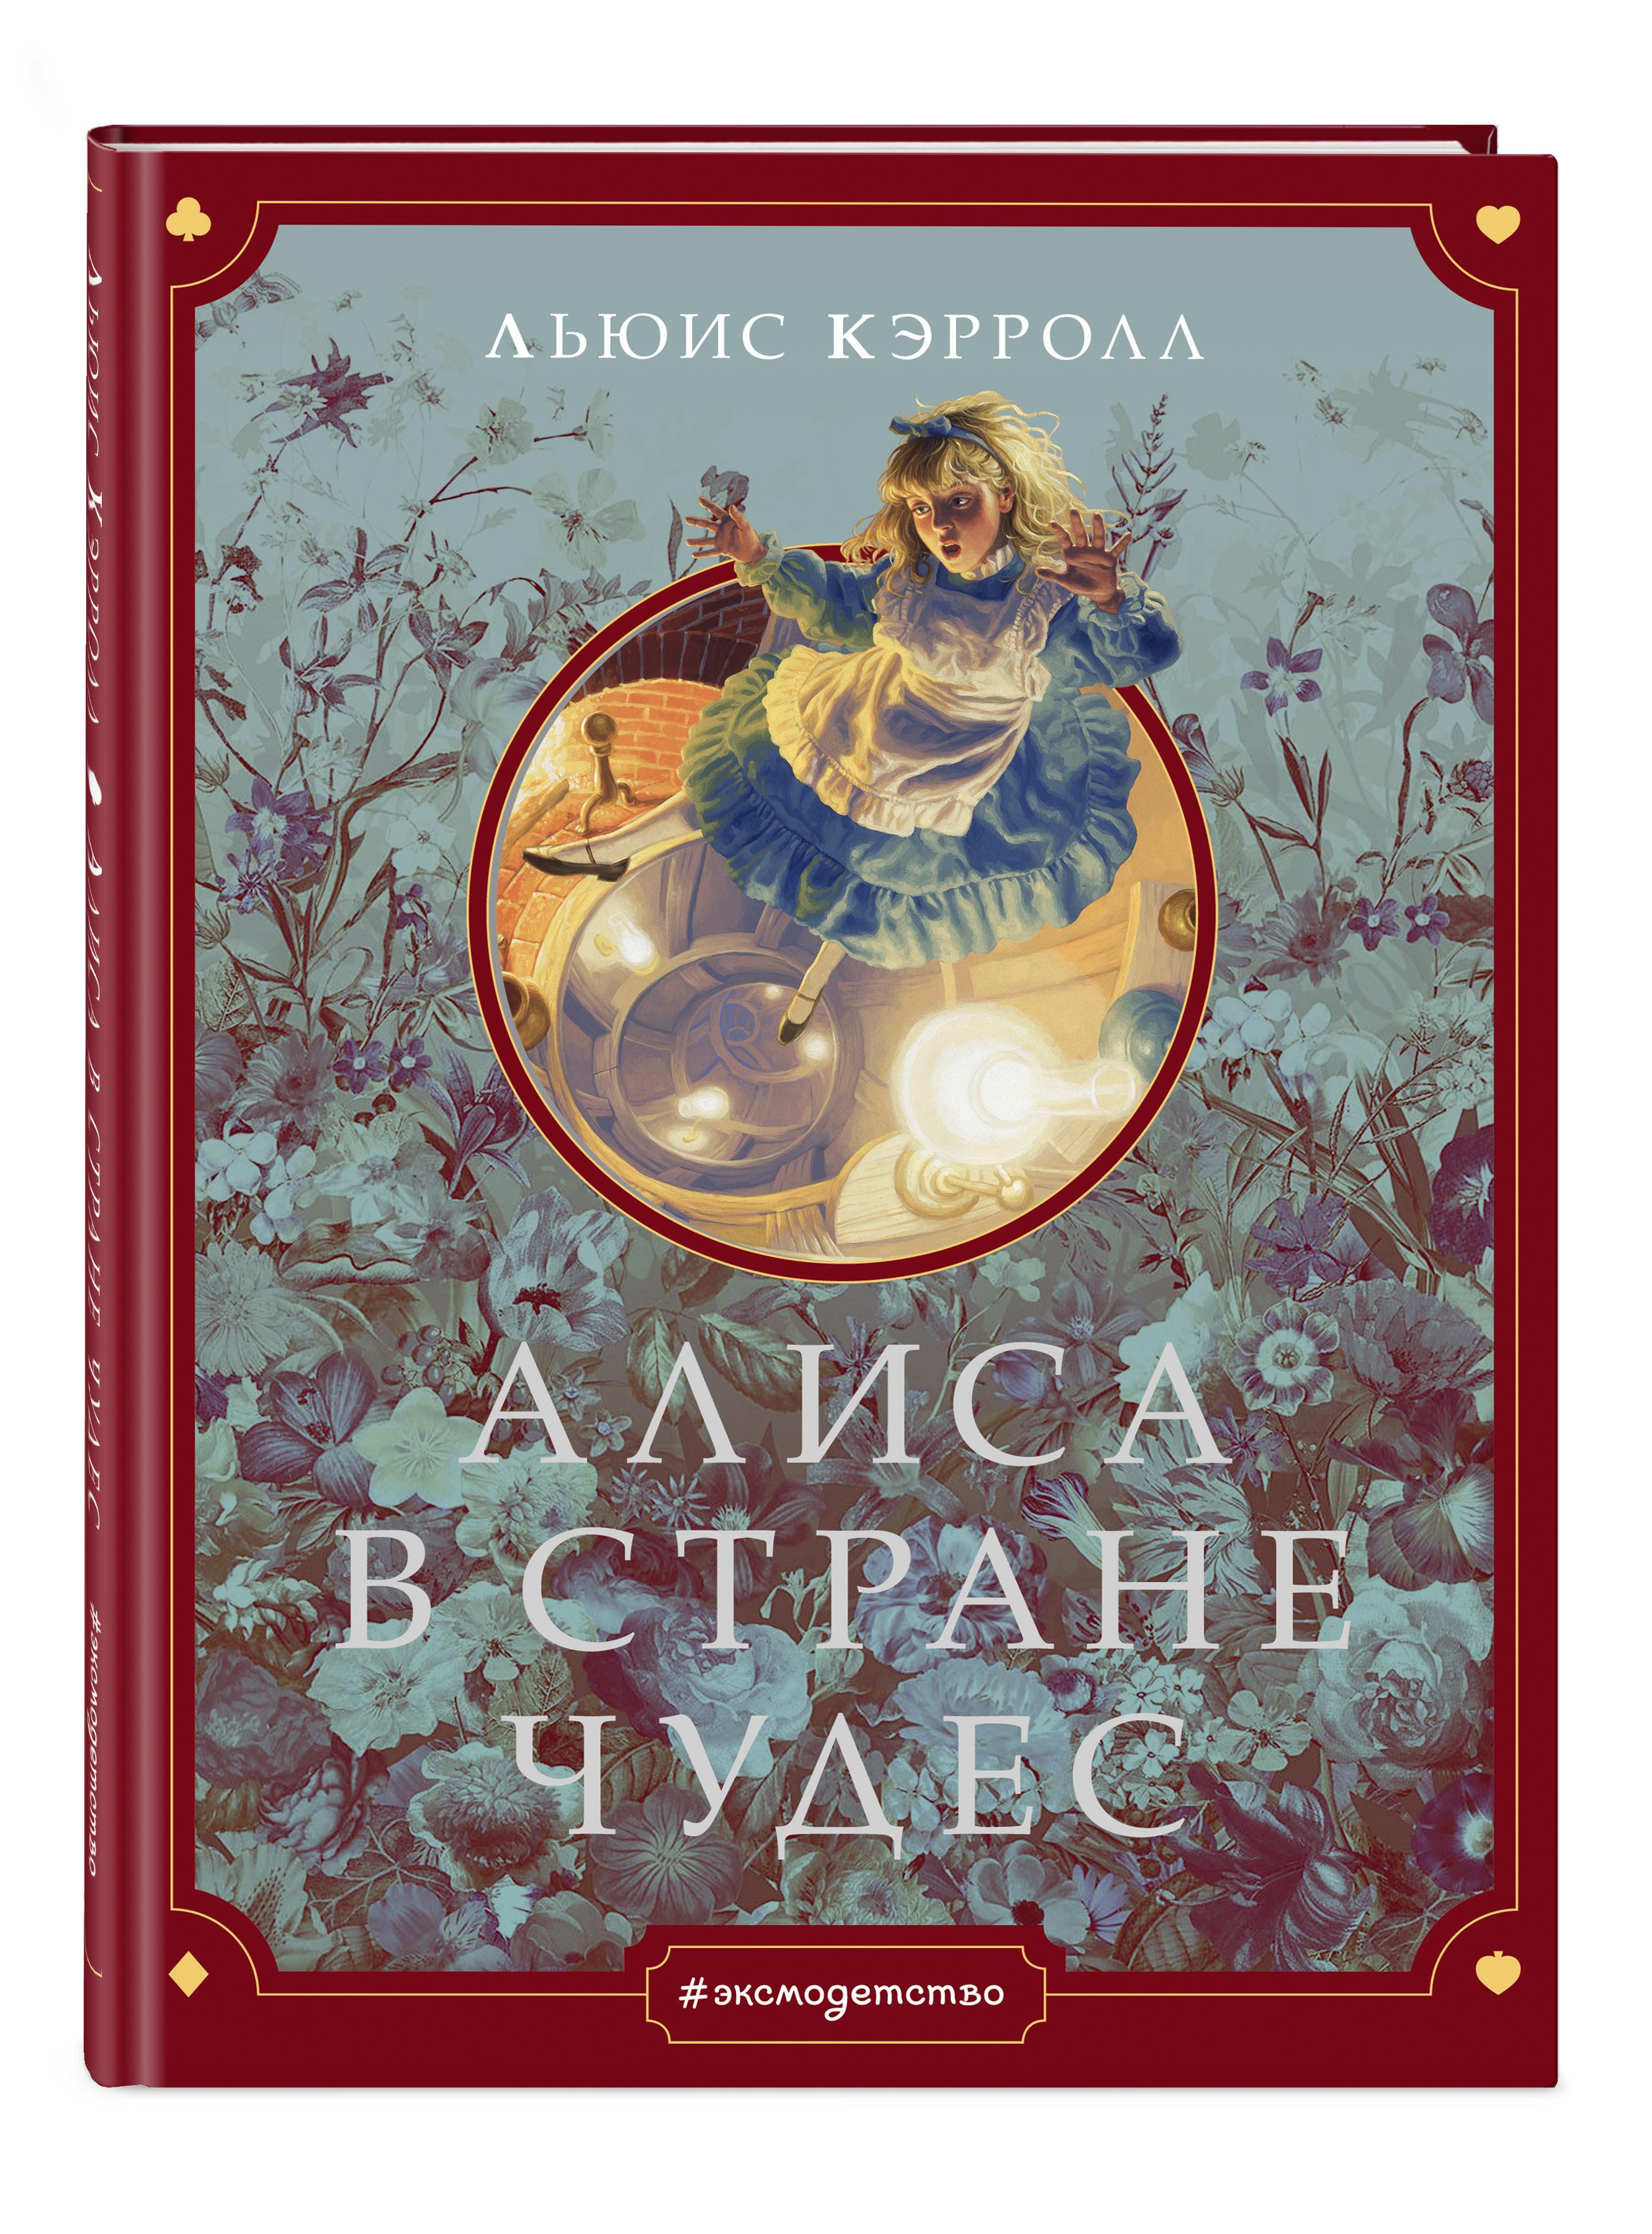 Кэрролл Льюис Алиса в Стране чудес (ил. Г. Хильдебрандта) эксмо алиса в стране чудес л кэрролл ил э ч кларк